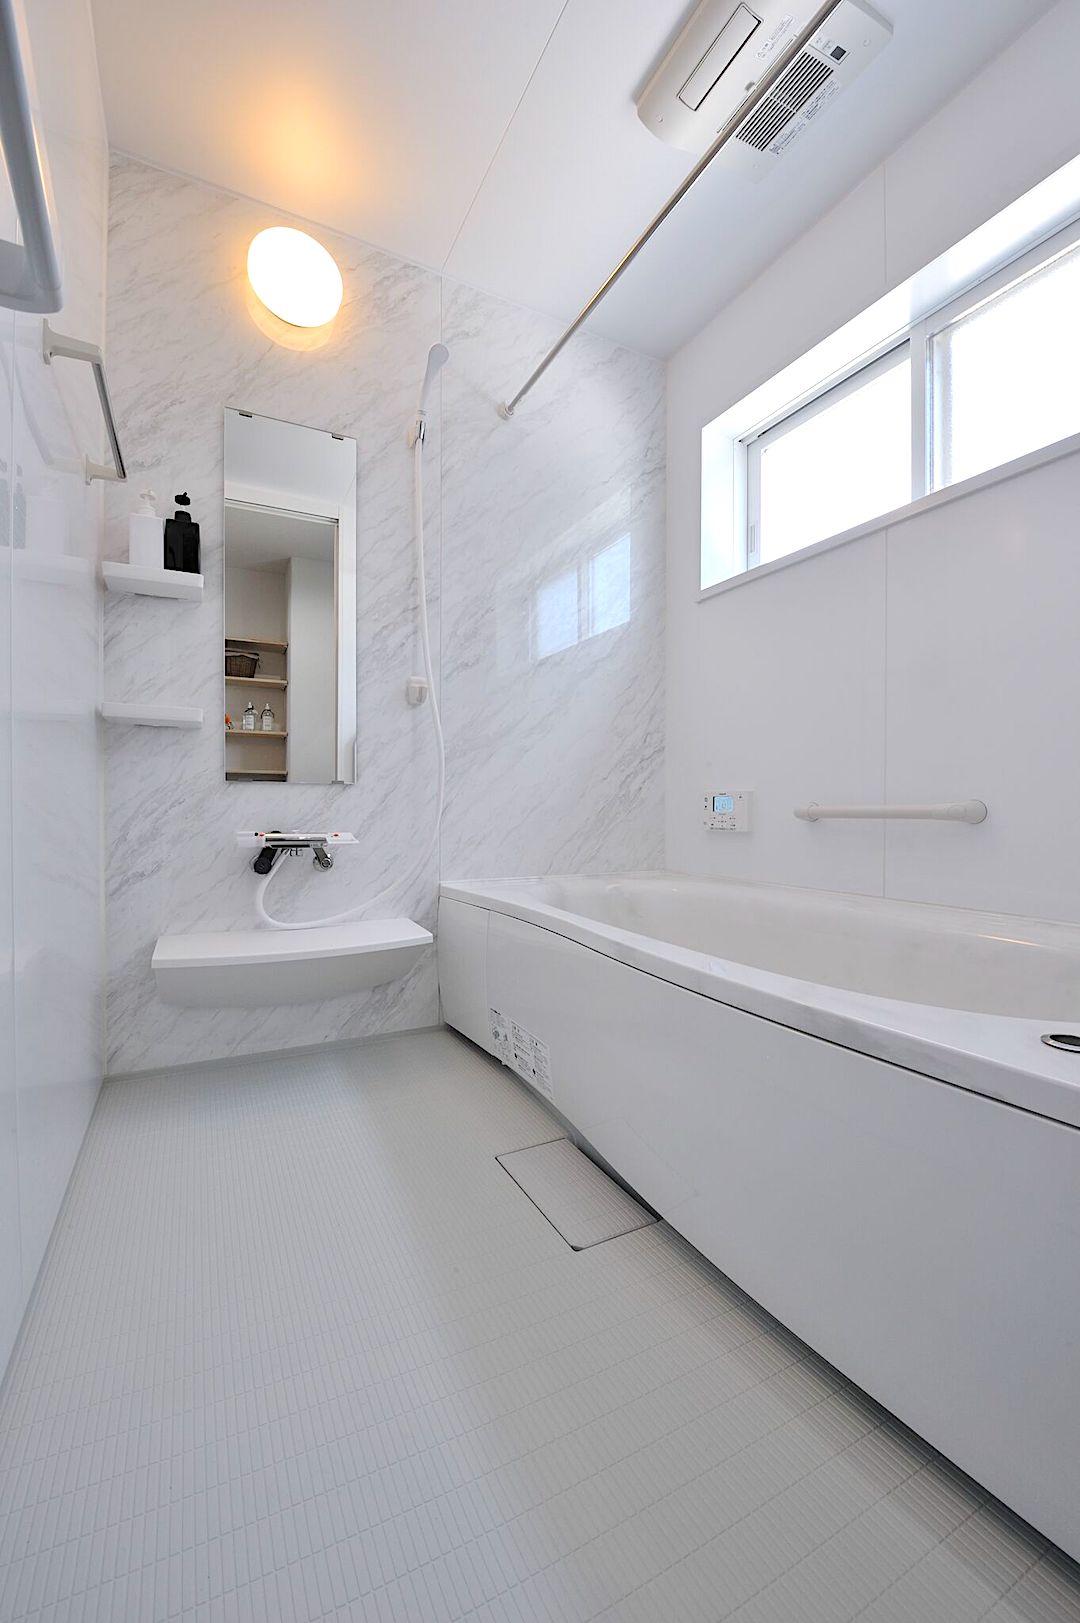 【便利な浴室乾燥機に潜む、意外なデメリットとは?】